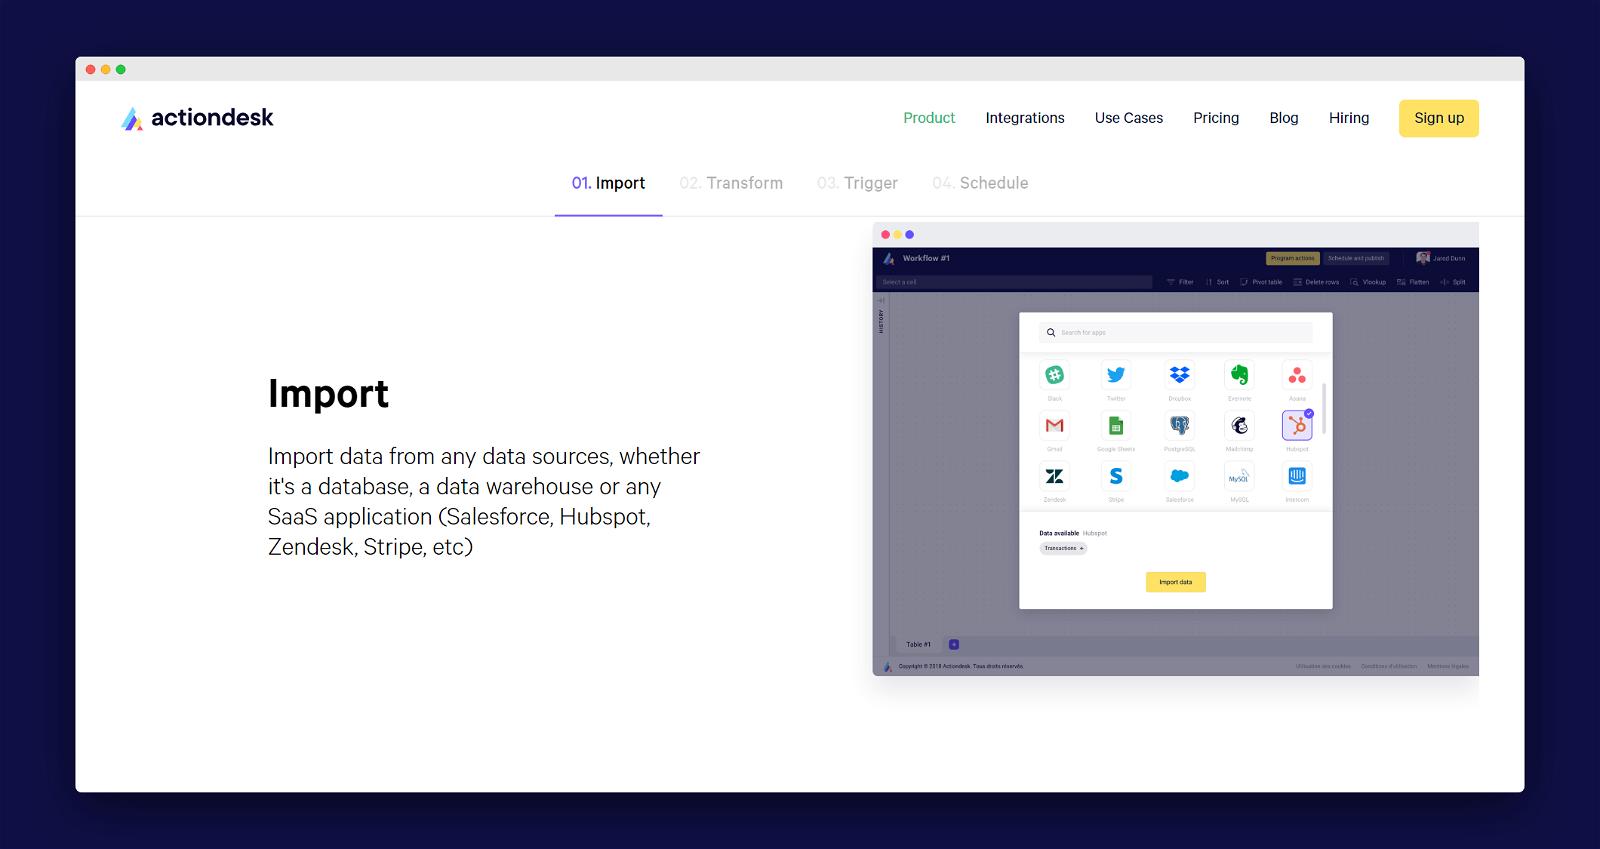 Actiondesk Screenshot 2